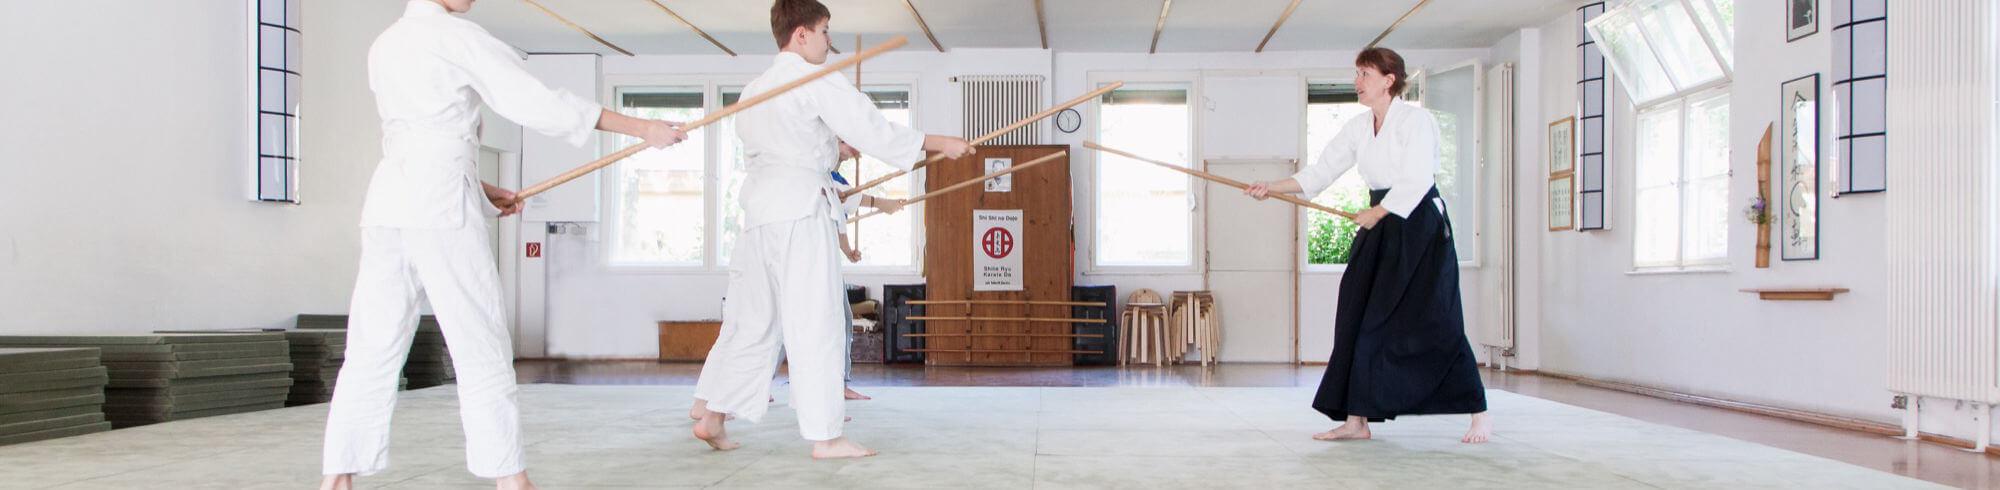 aikido für kinder. Kinder habe lange BO-Stöcke in der Hand